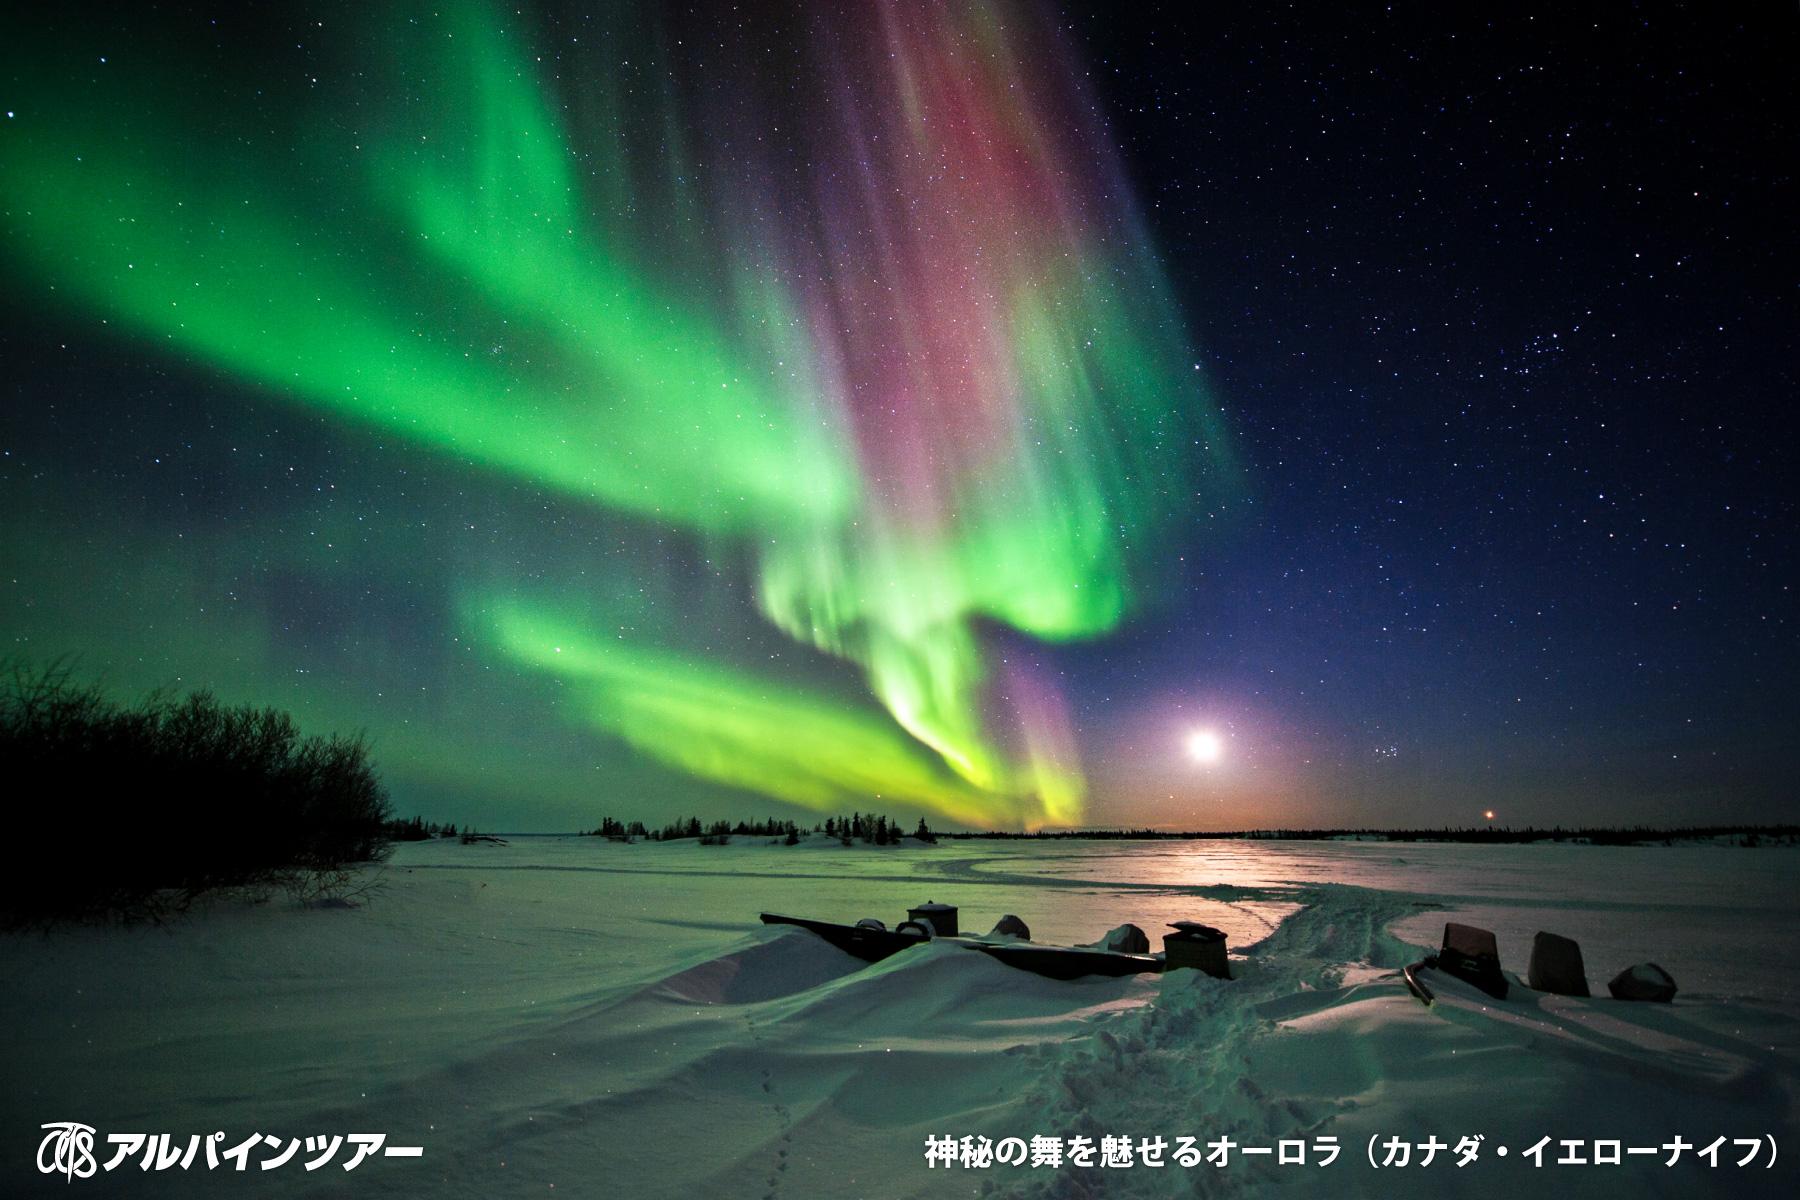 【今日の絶景】 夜空に舞う神秘のオーロラ